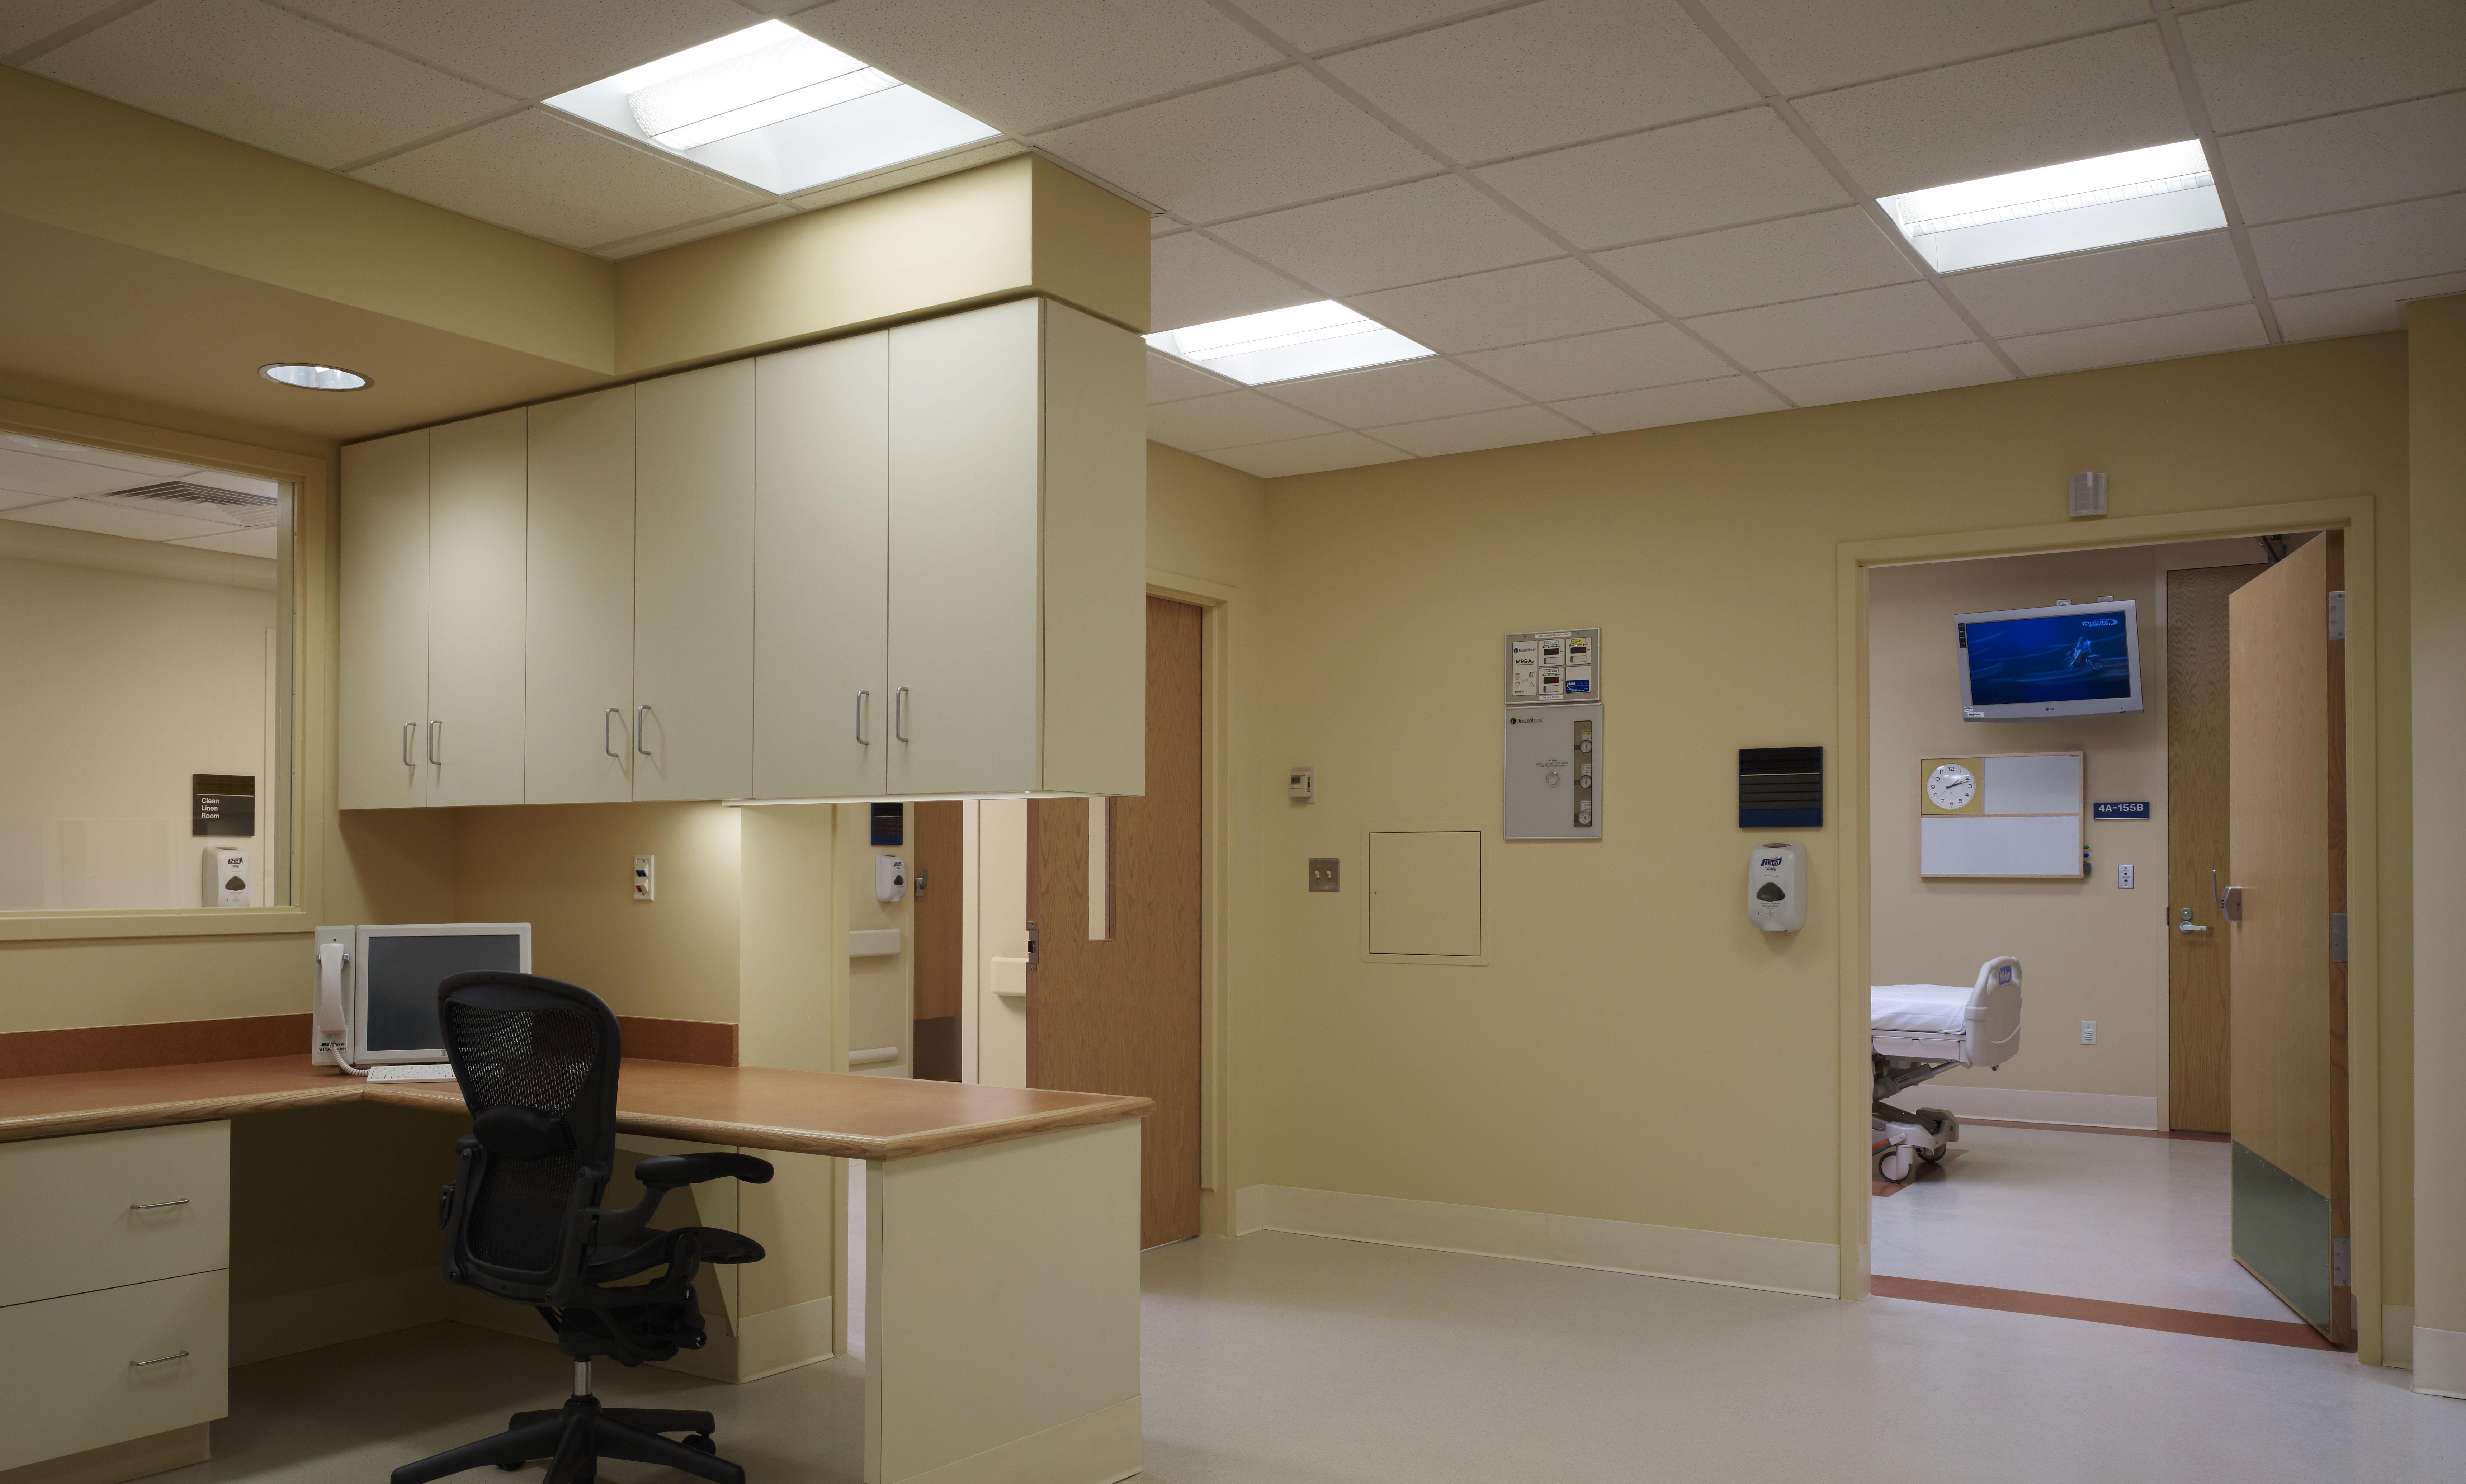 https://www.ebapc.com/wp-content/uploads/2016/04/Nursing-Observation-Station.jpg